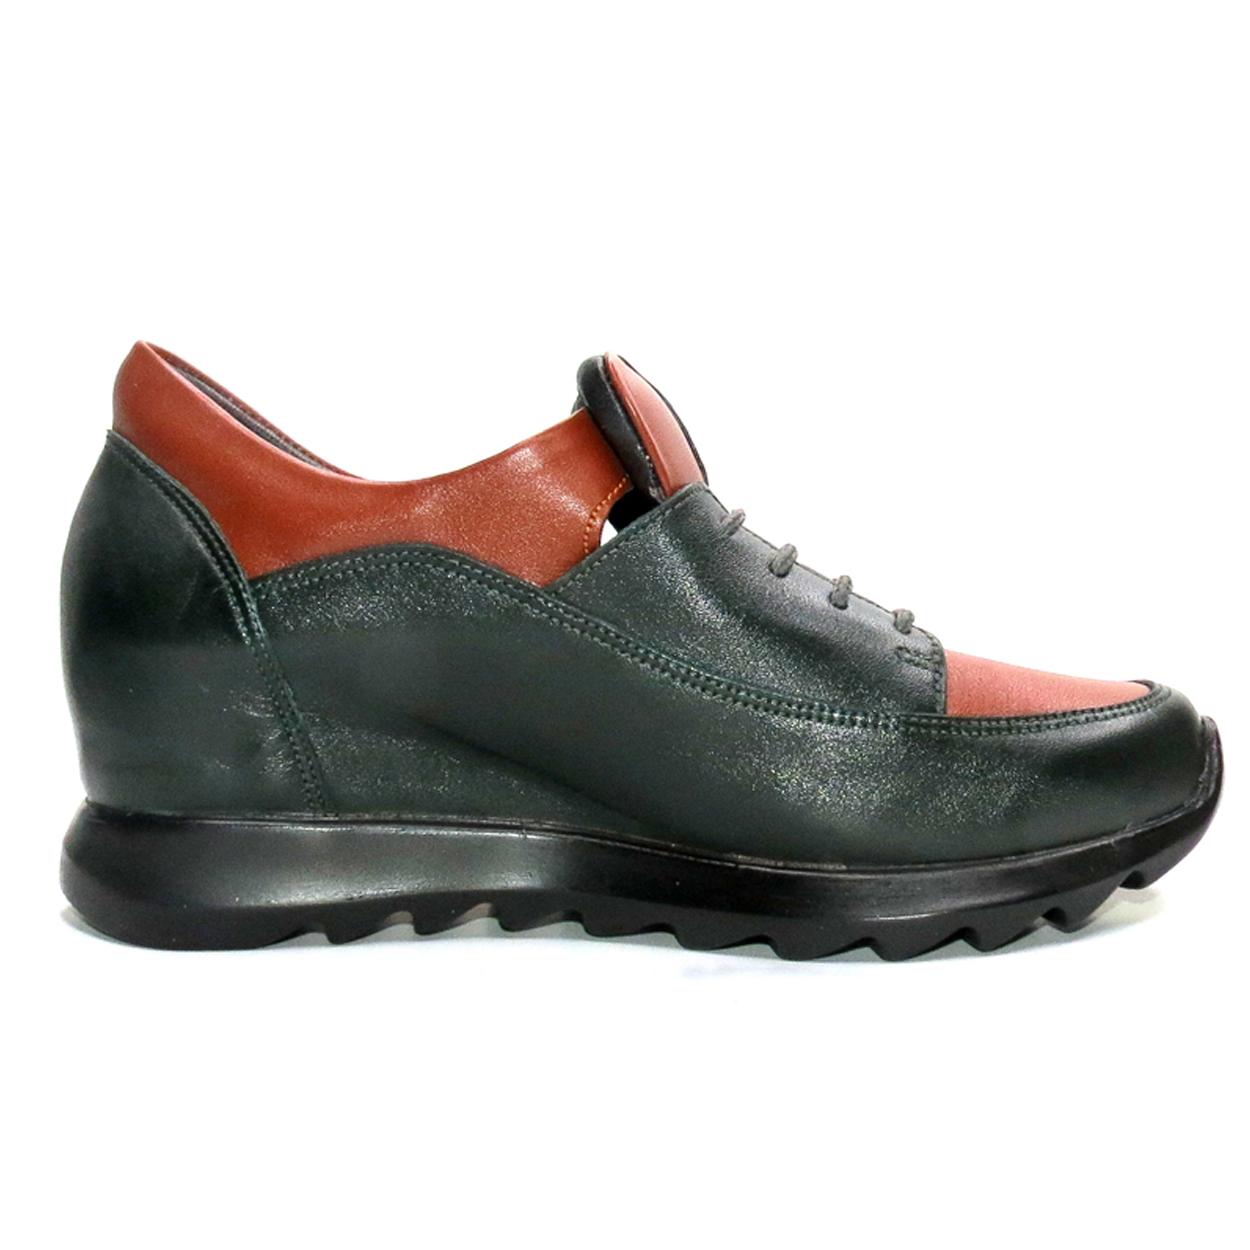 کفش روزمره زنانه آر اند دبلیو مدل 416 رنگ یشمی -  - 3